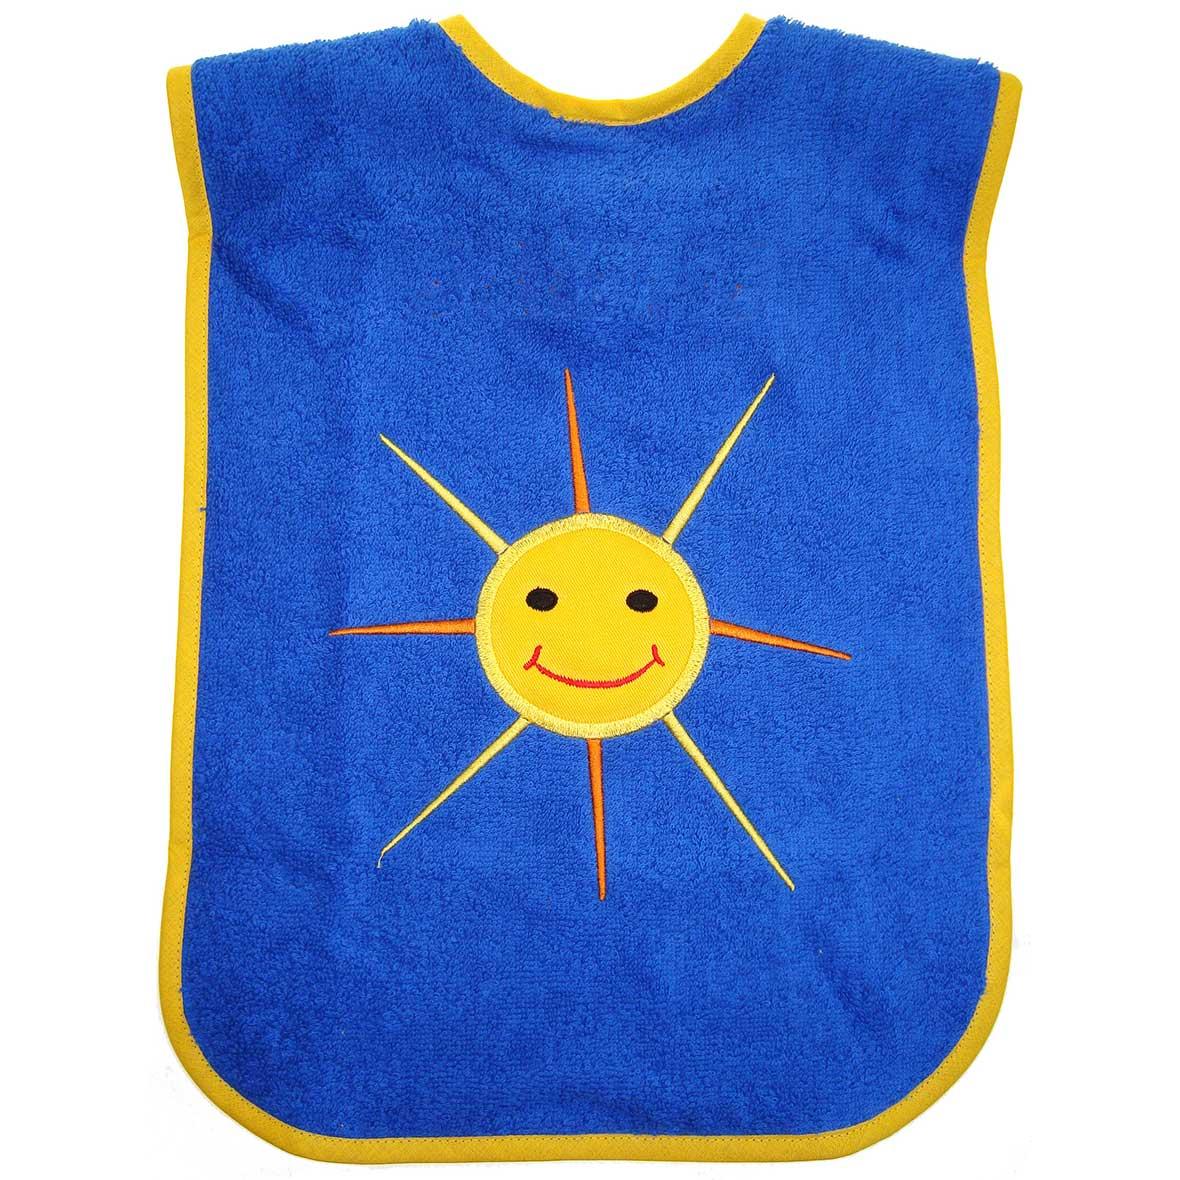 Brändi Babylätzchen Sonne